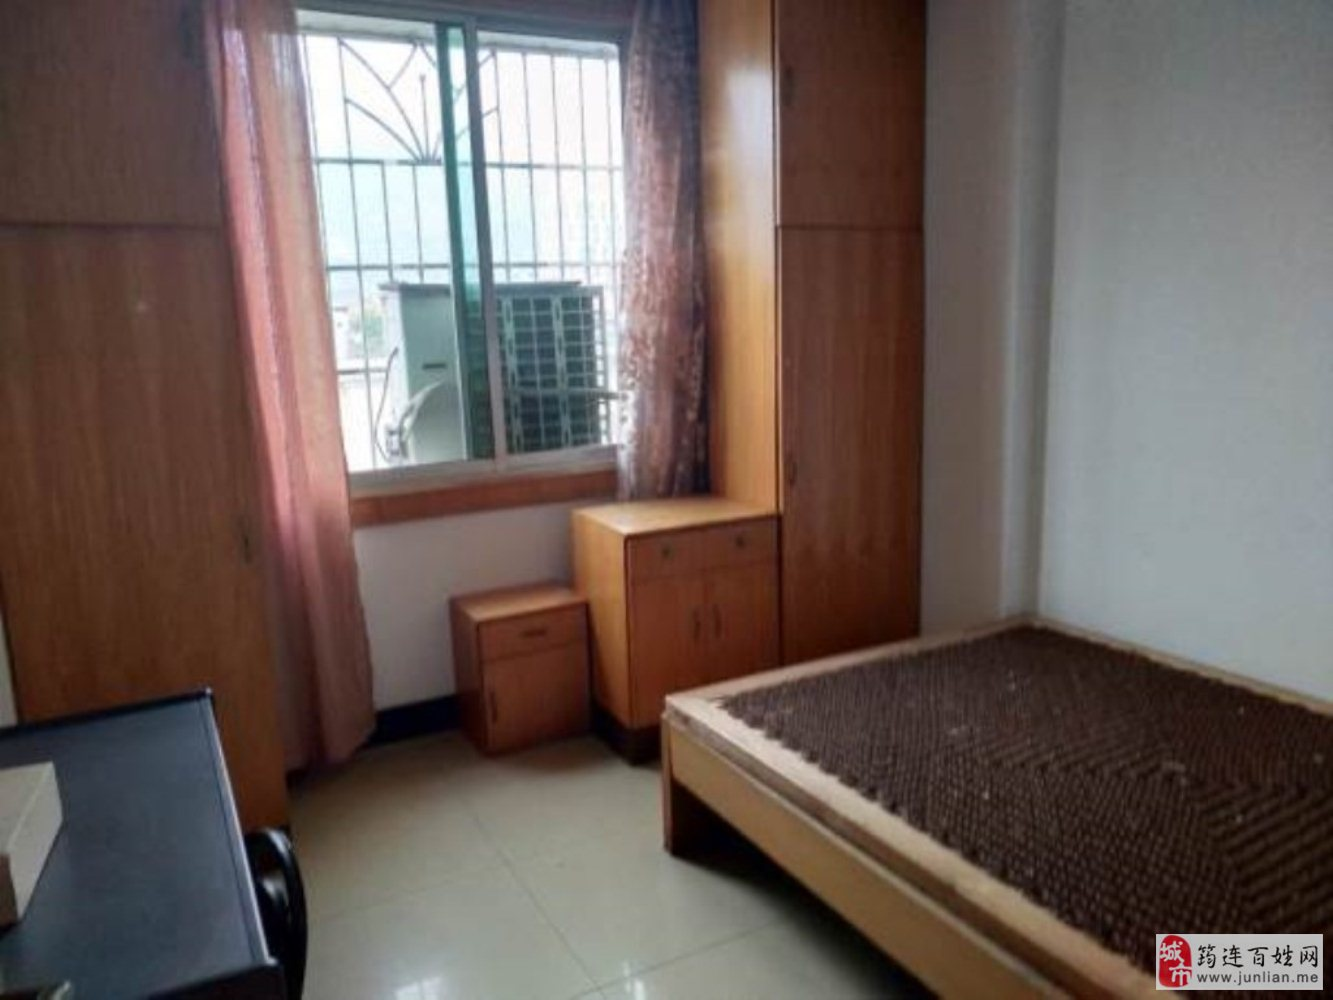 金鑫步行街5室3厅2卫61.8万元